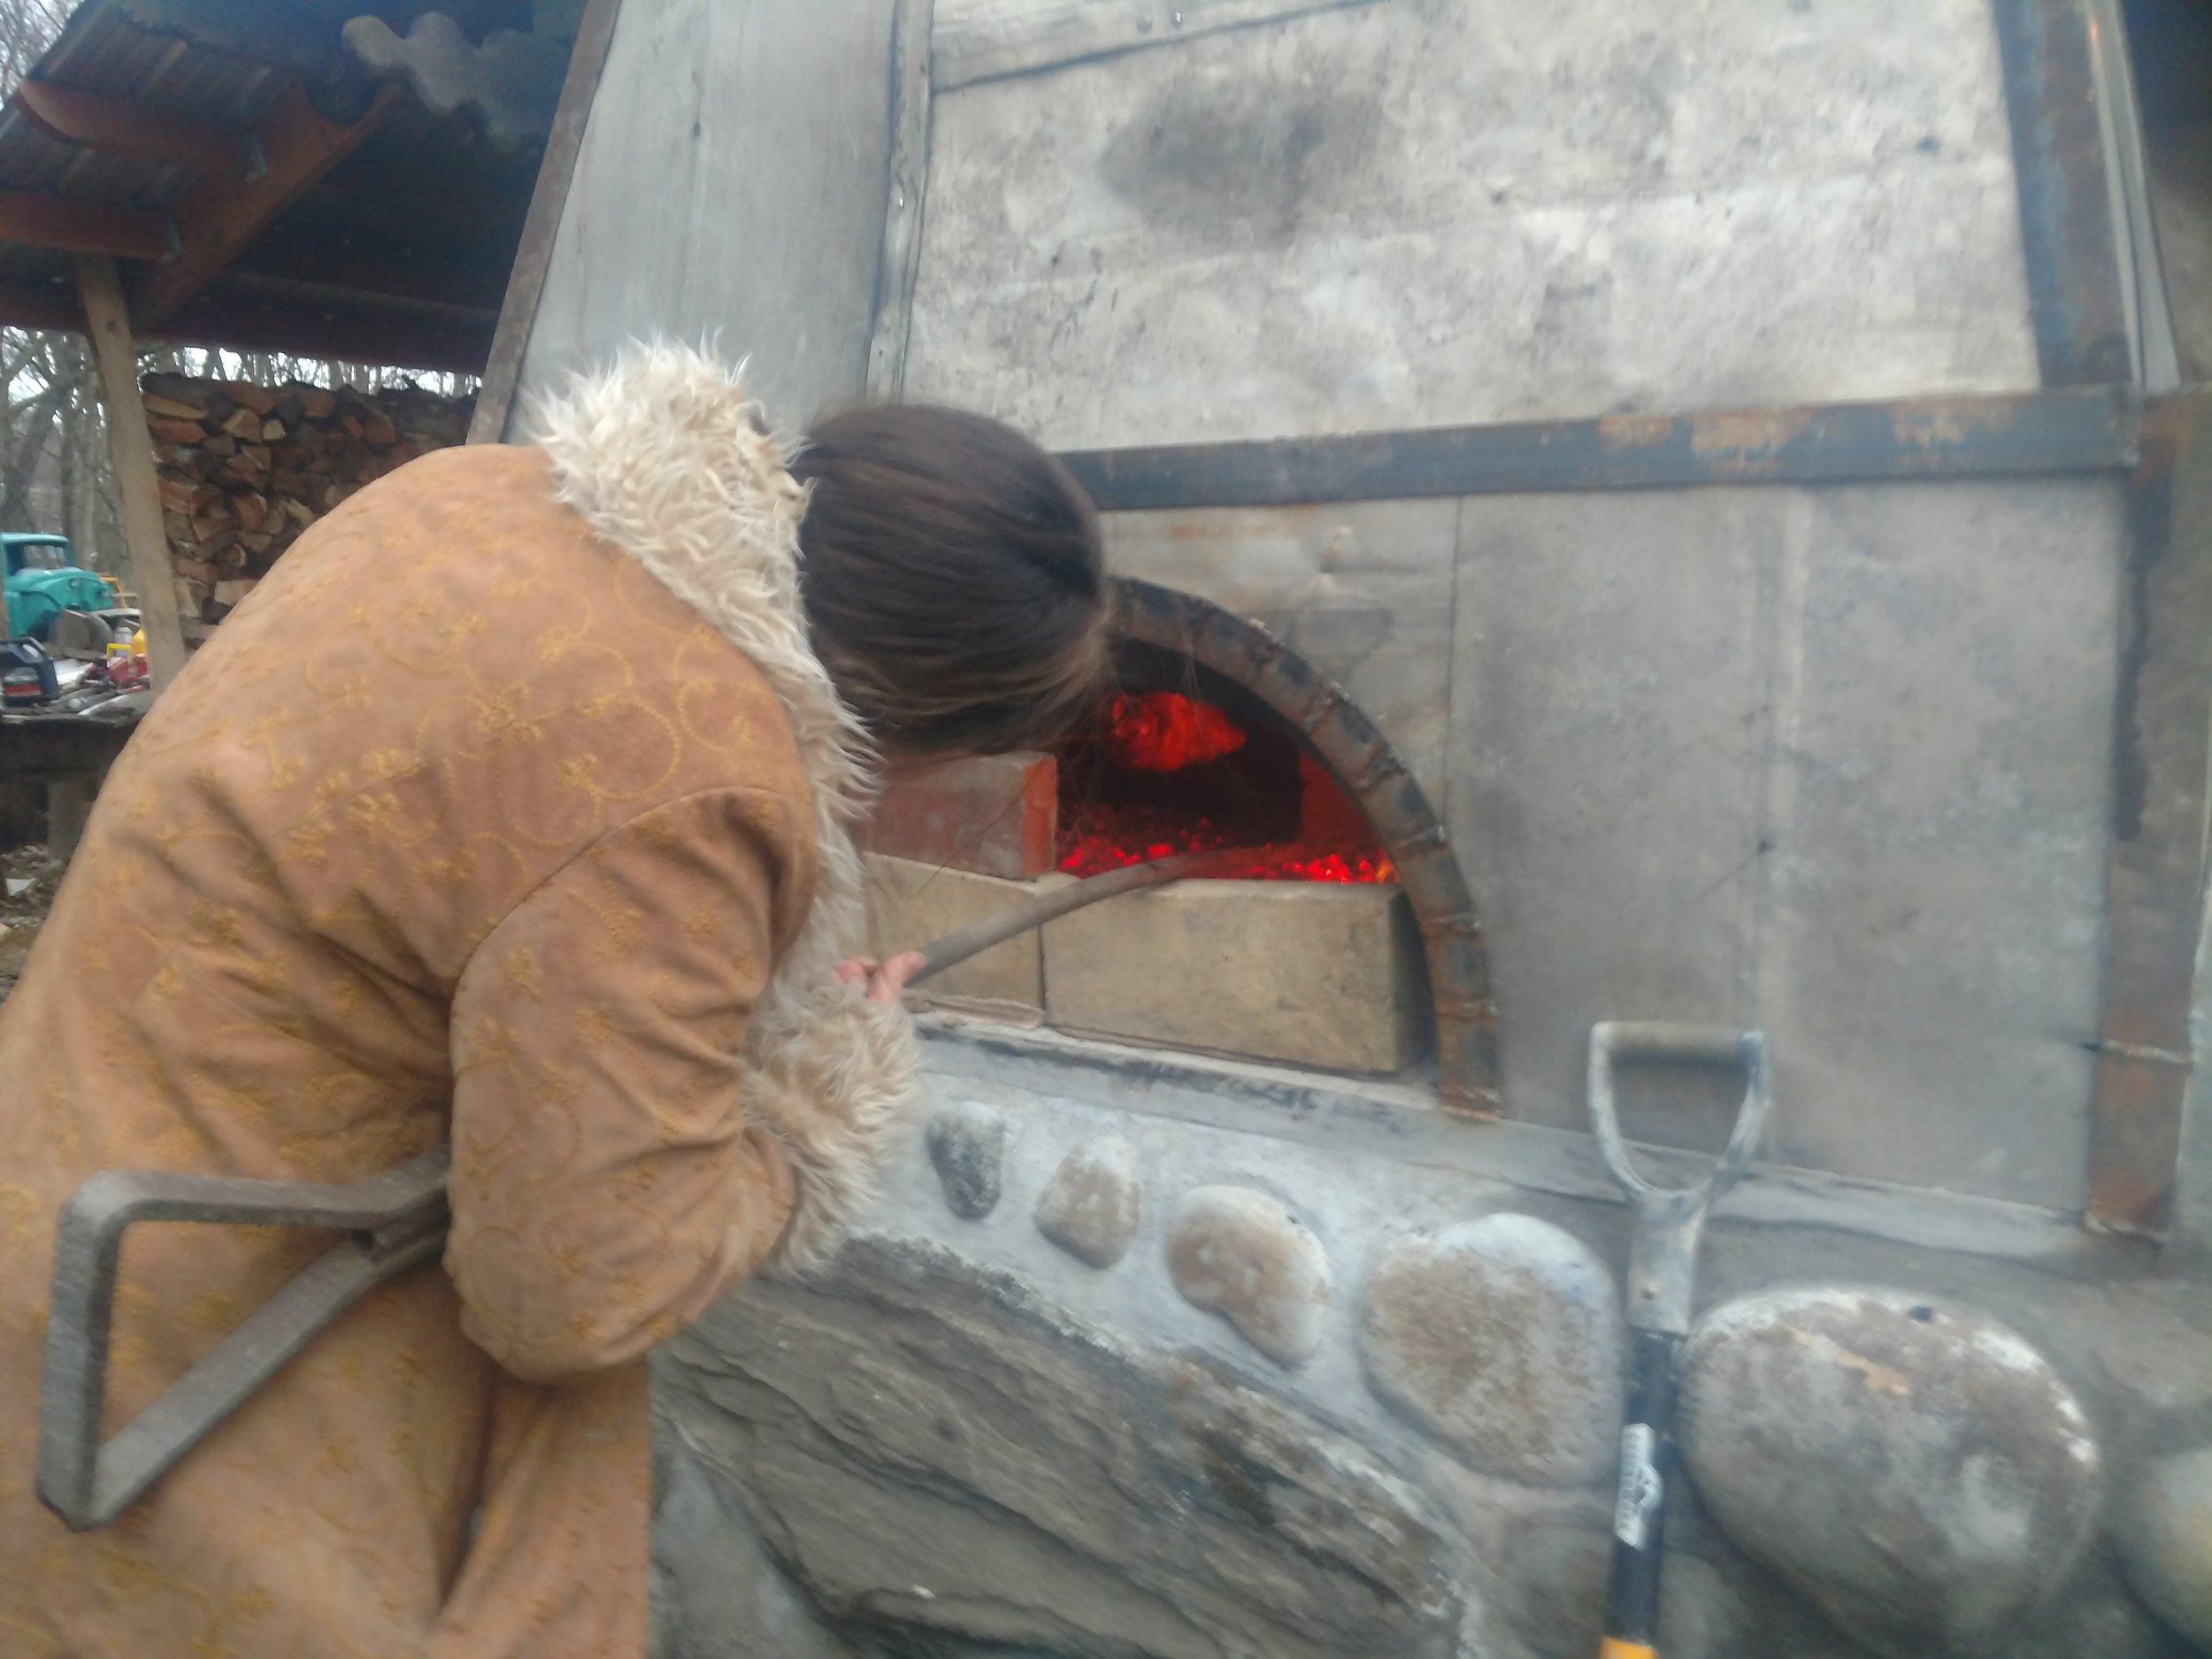 Jessie cooking a turkey.